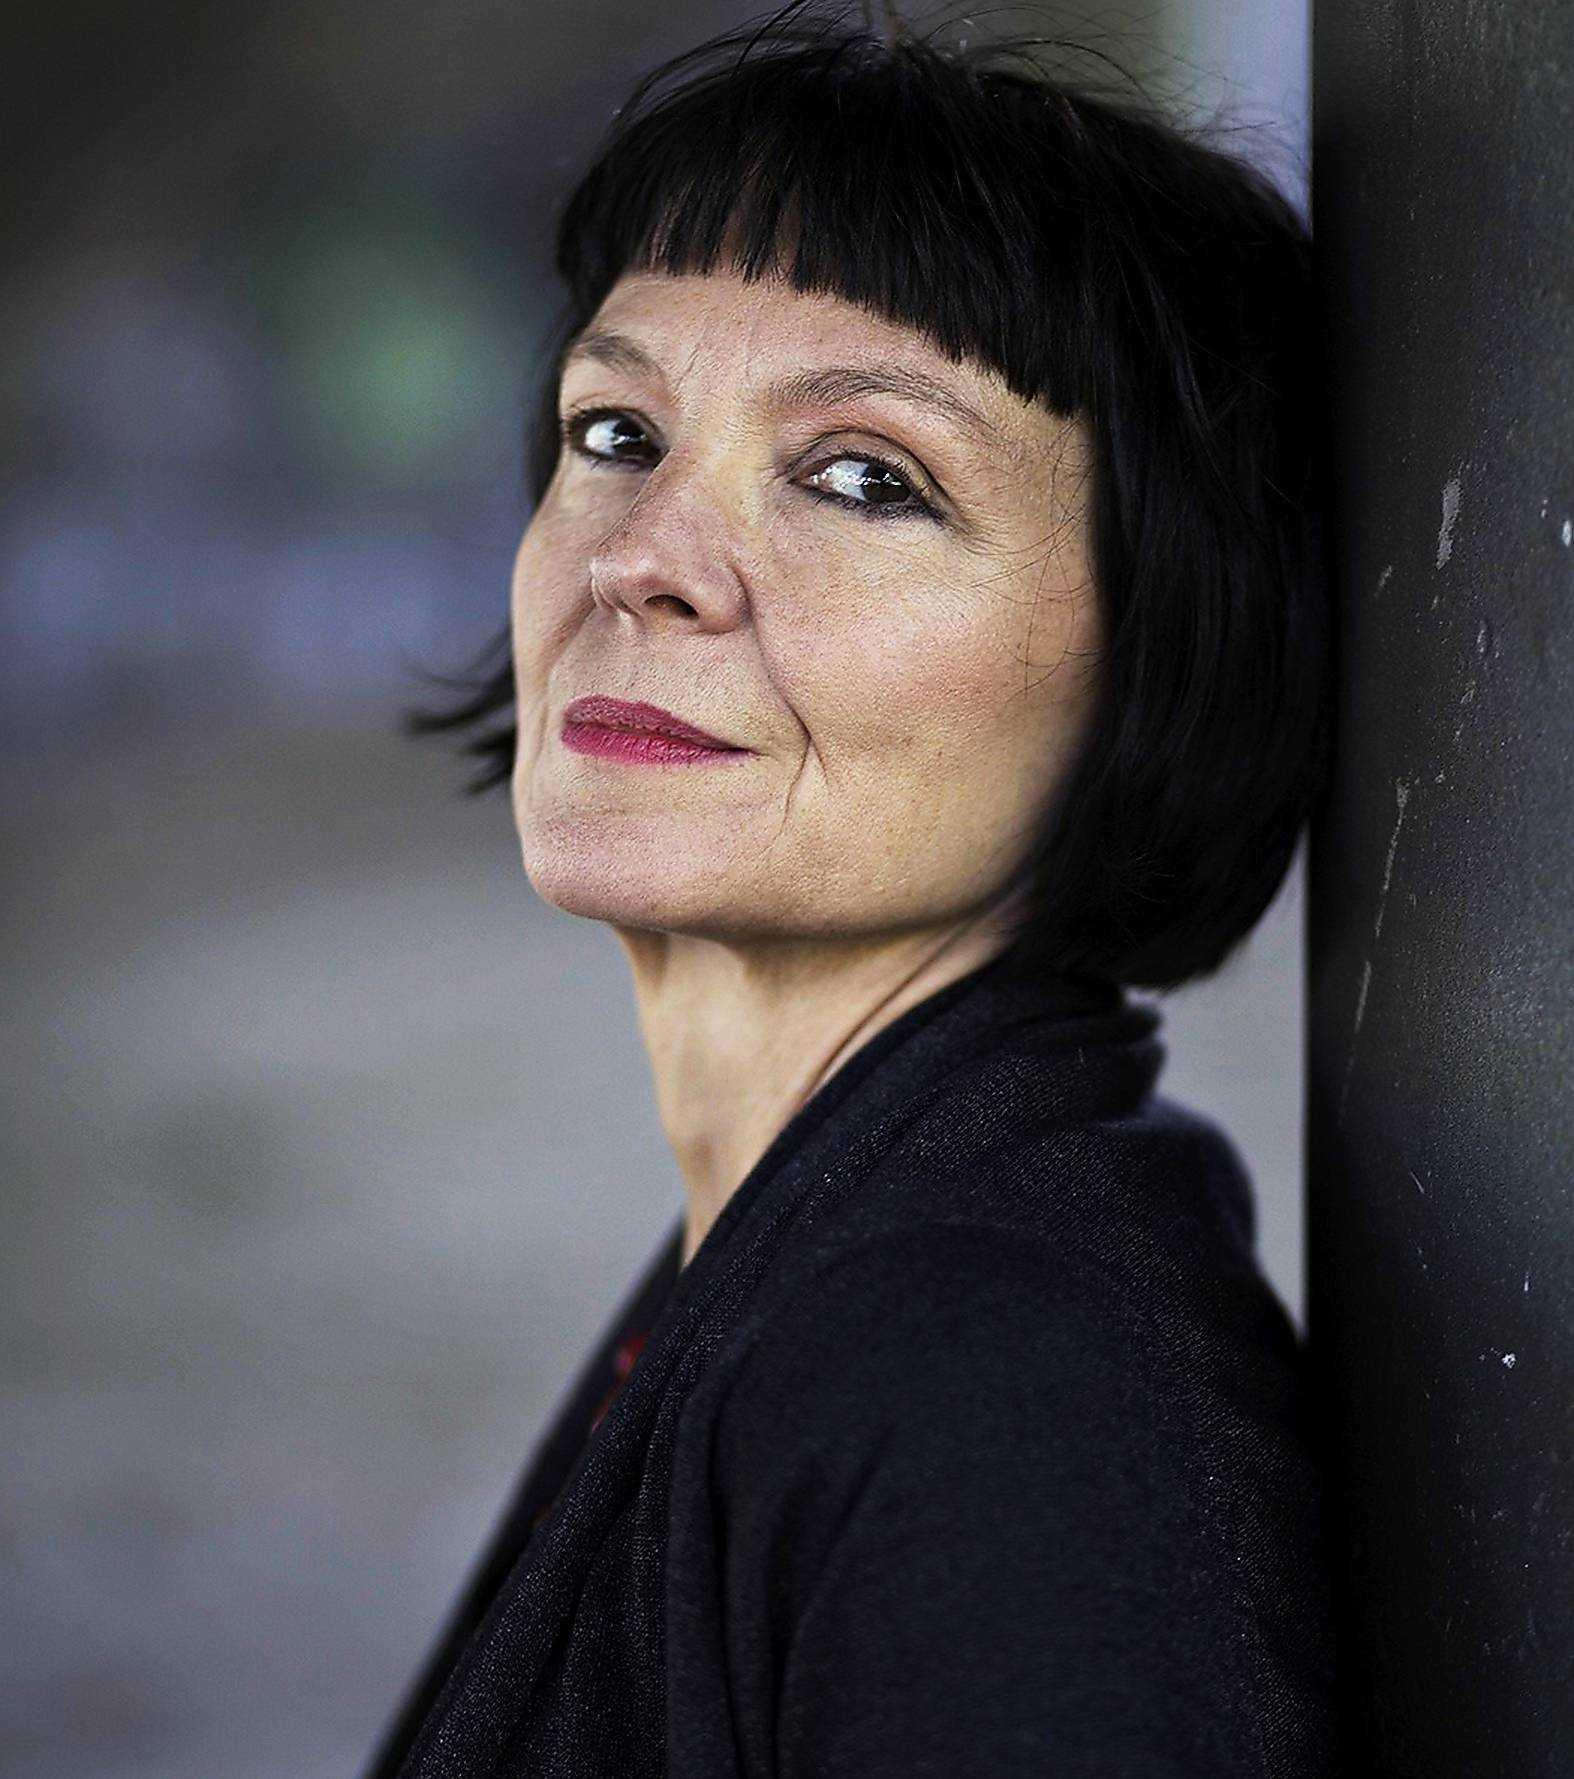 Siktar högt.Anneli Jordahl (född 1960) är författare och litteraturkritiker. Nya romanen om det unga hembiträdet i ett gammalmodigt Sverige fångar tidsandan som en smäck - men når inte så långt som den siktar, menar Sven Olov Karlsson.Foto